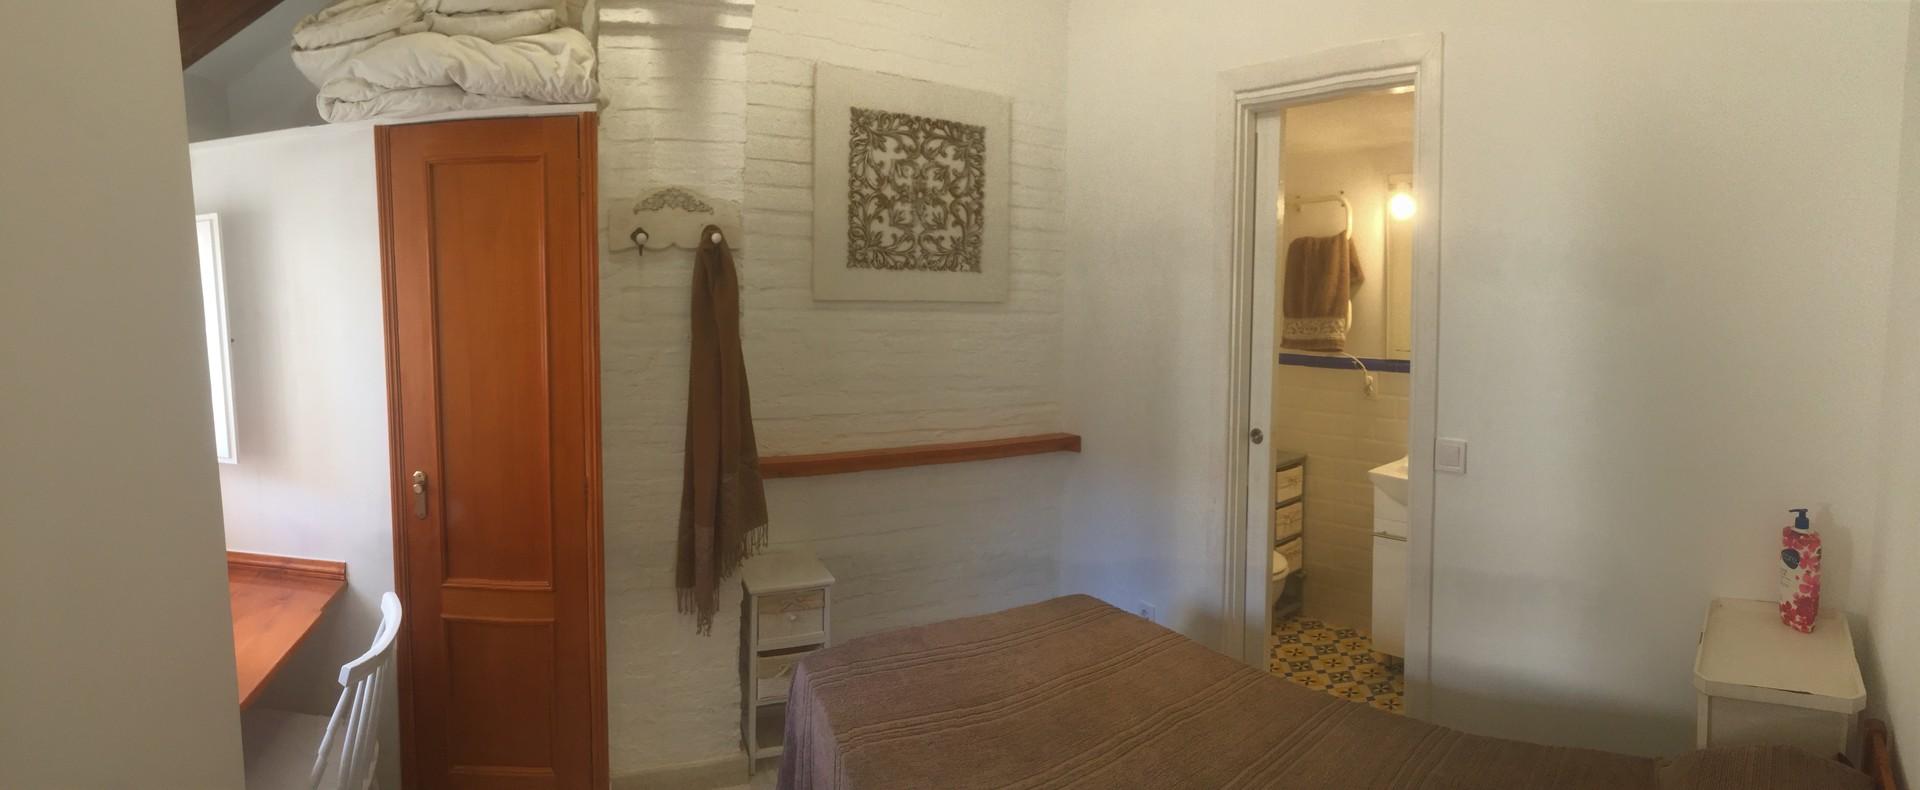 Piso En Casa T Pica Del Cabanyal Alquiler Habitaciones Valencia -> Fotos De Piso Para Casa